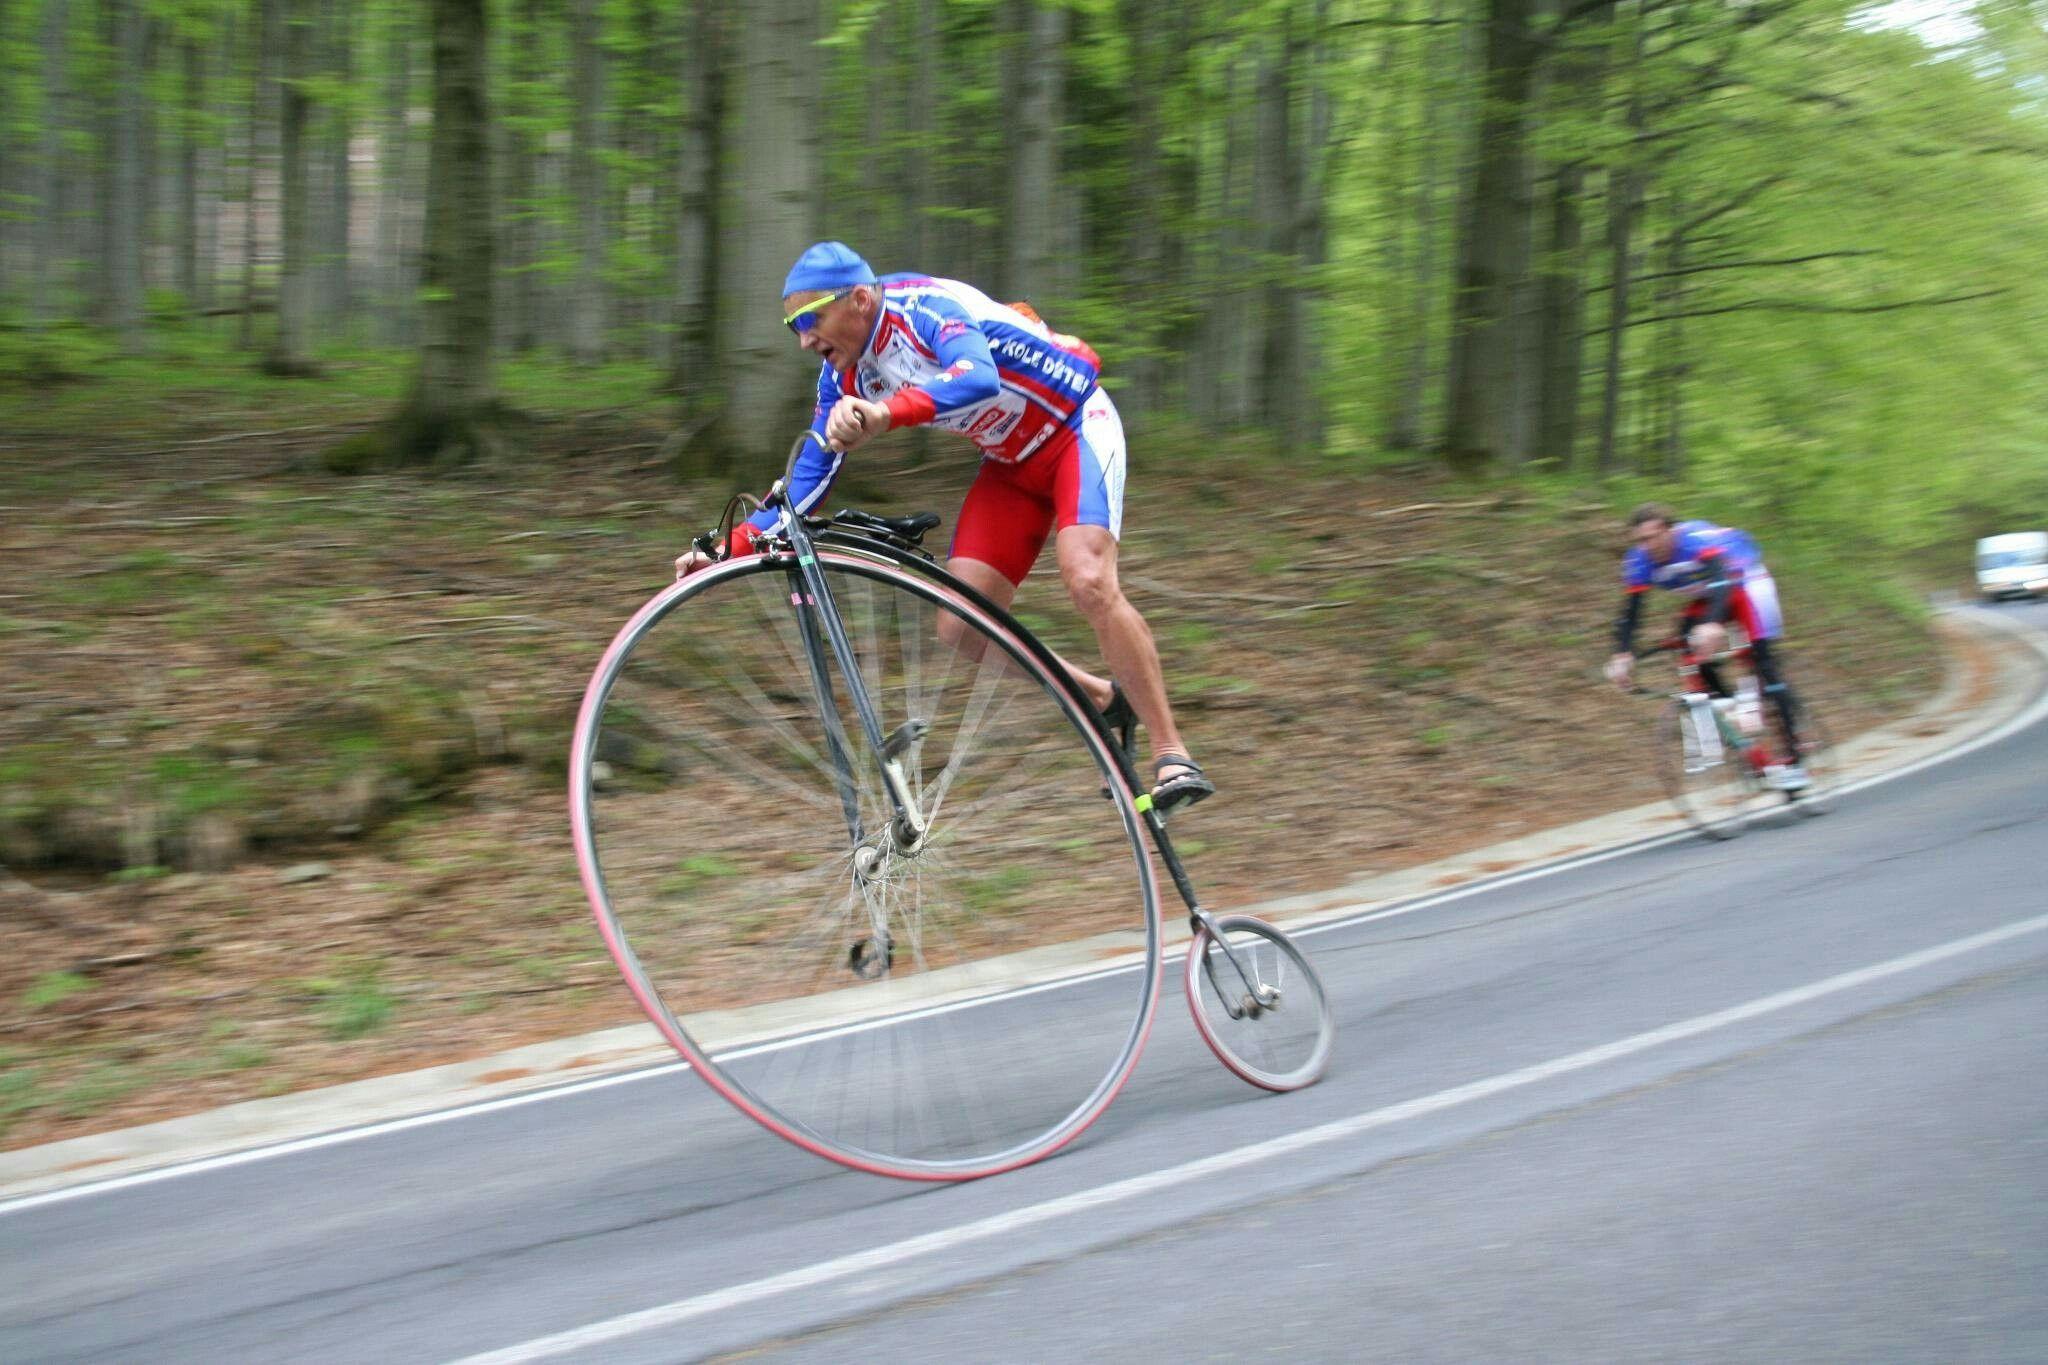 Приколы с велосипедистами картинки